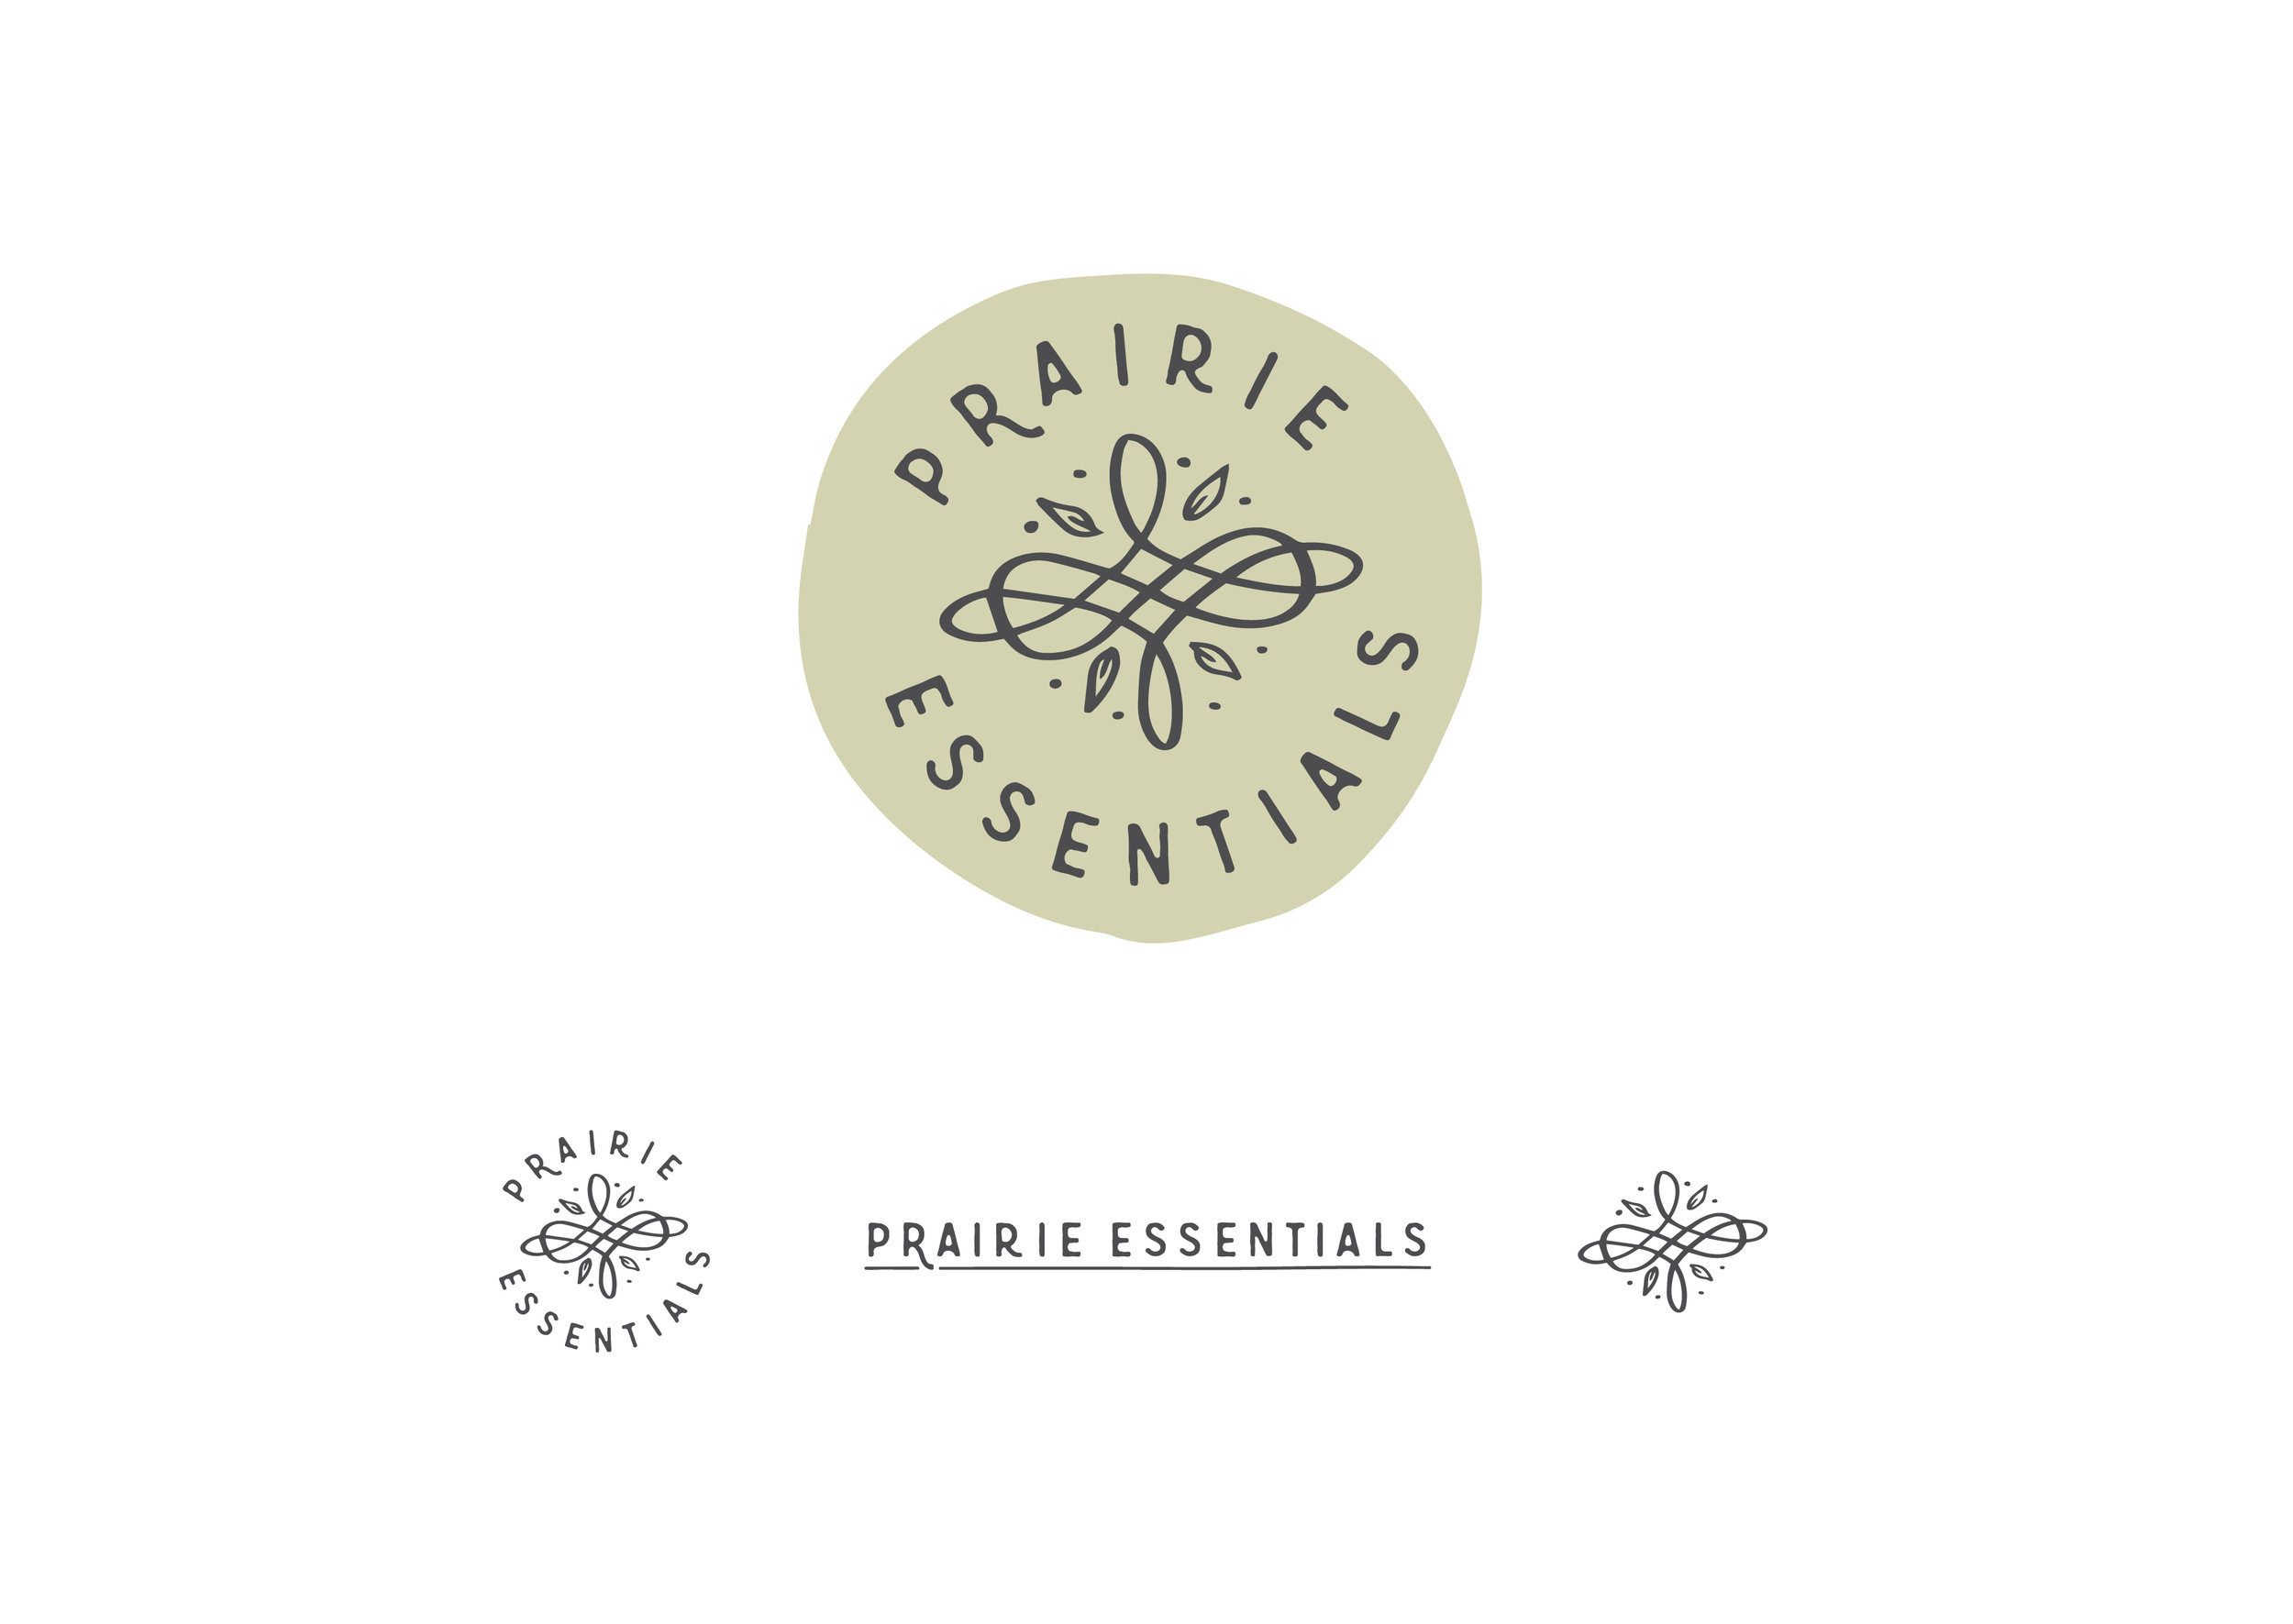 TashaVockrodt_tashvock_PrairieEssentials_Logo.jpg